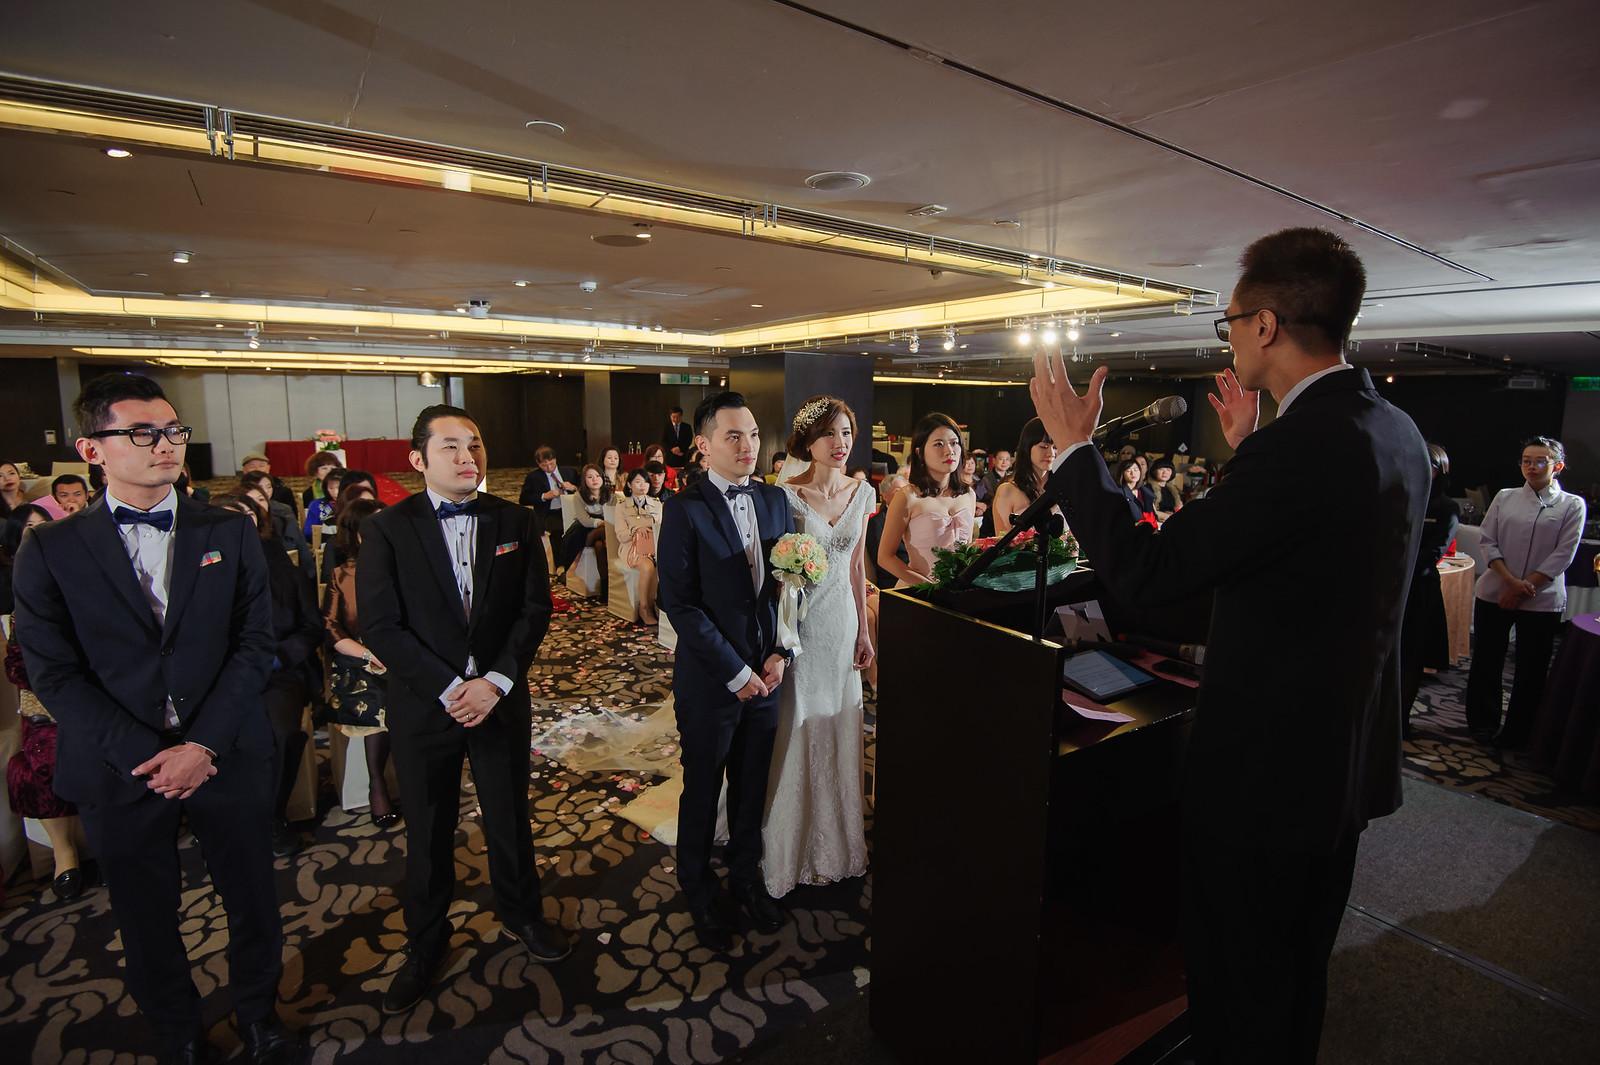 台北婚攝, 婚禮攝影, 婚攝, 婚攝守恆, 婚攝推薦, 晶華酒店, 晶華酒店婚宴, 晶華酒店婚攝-37